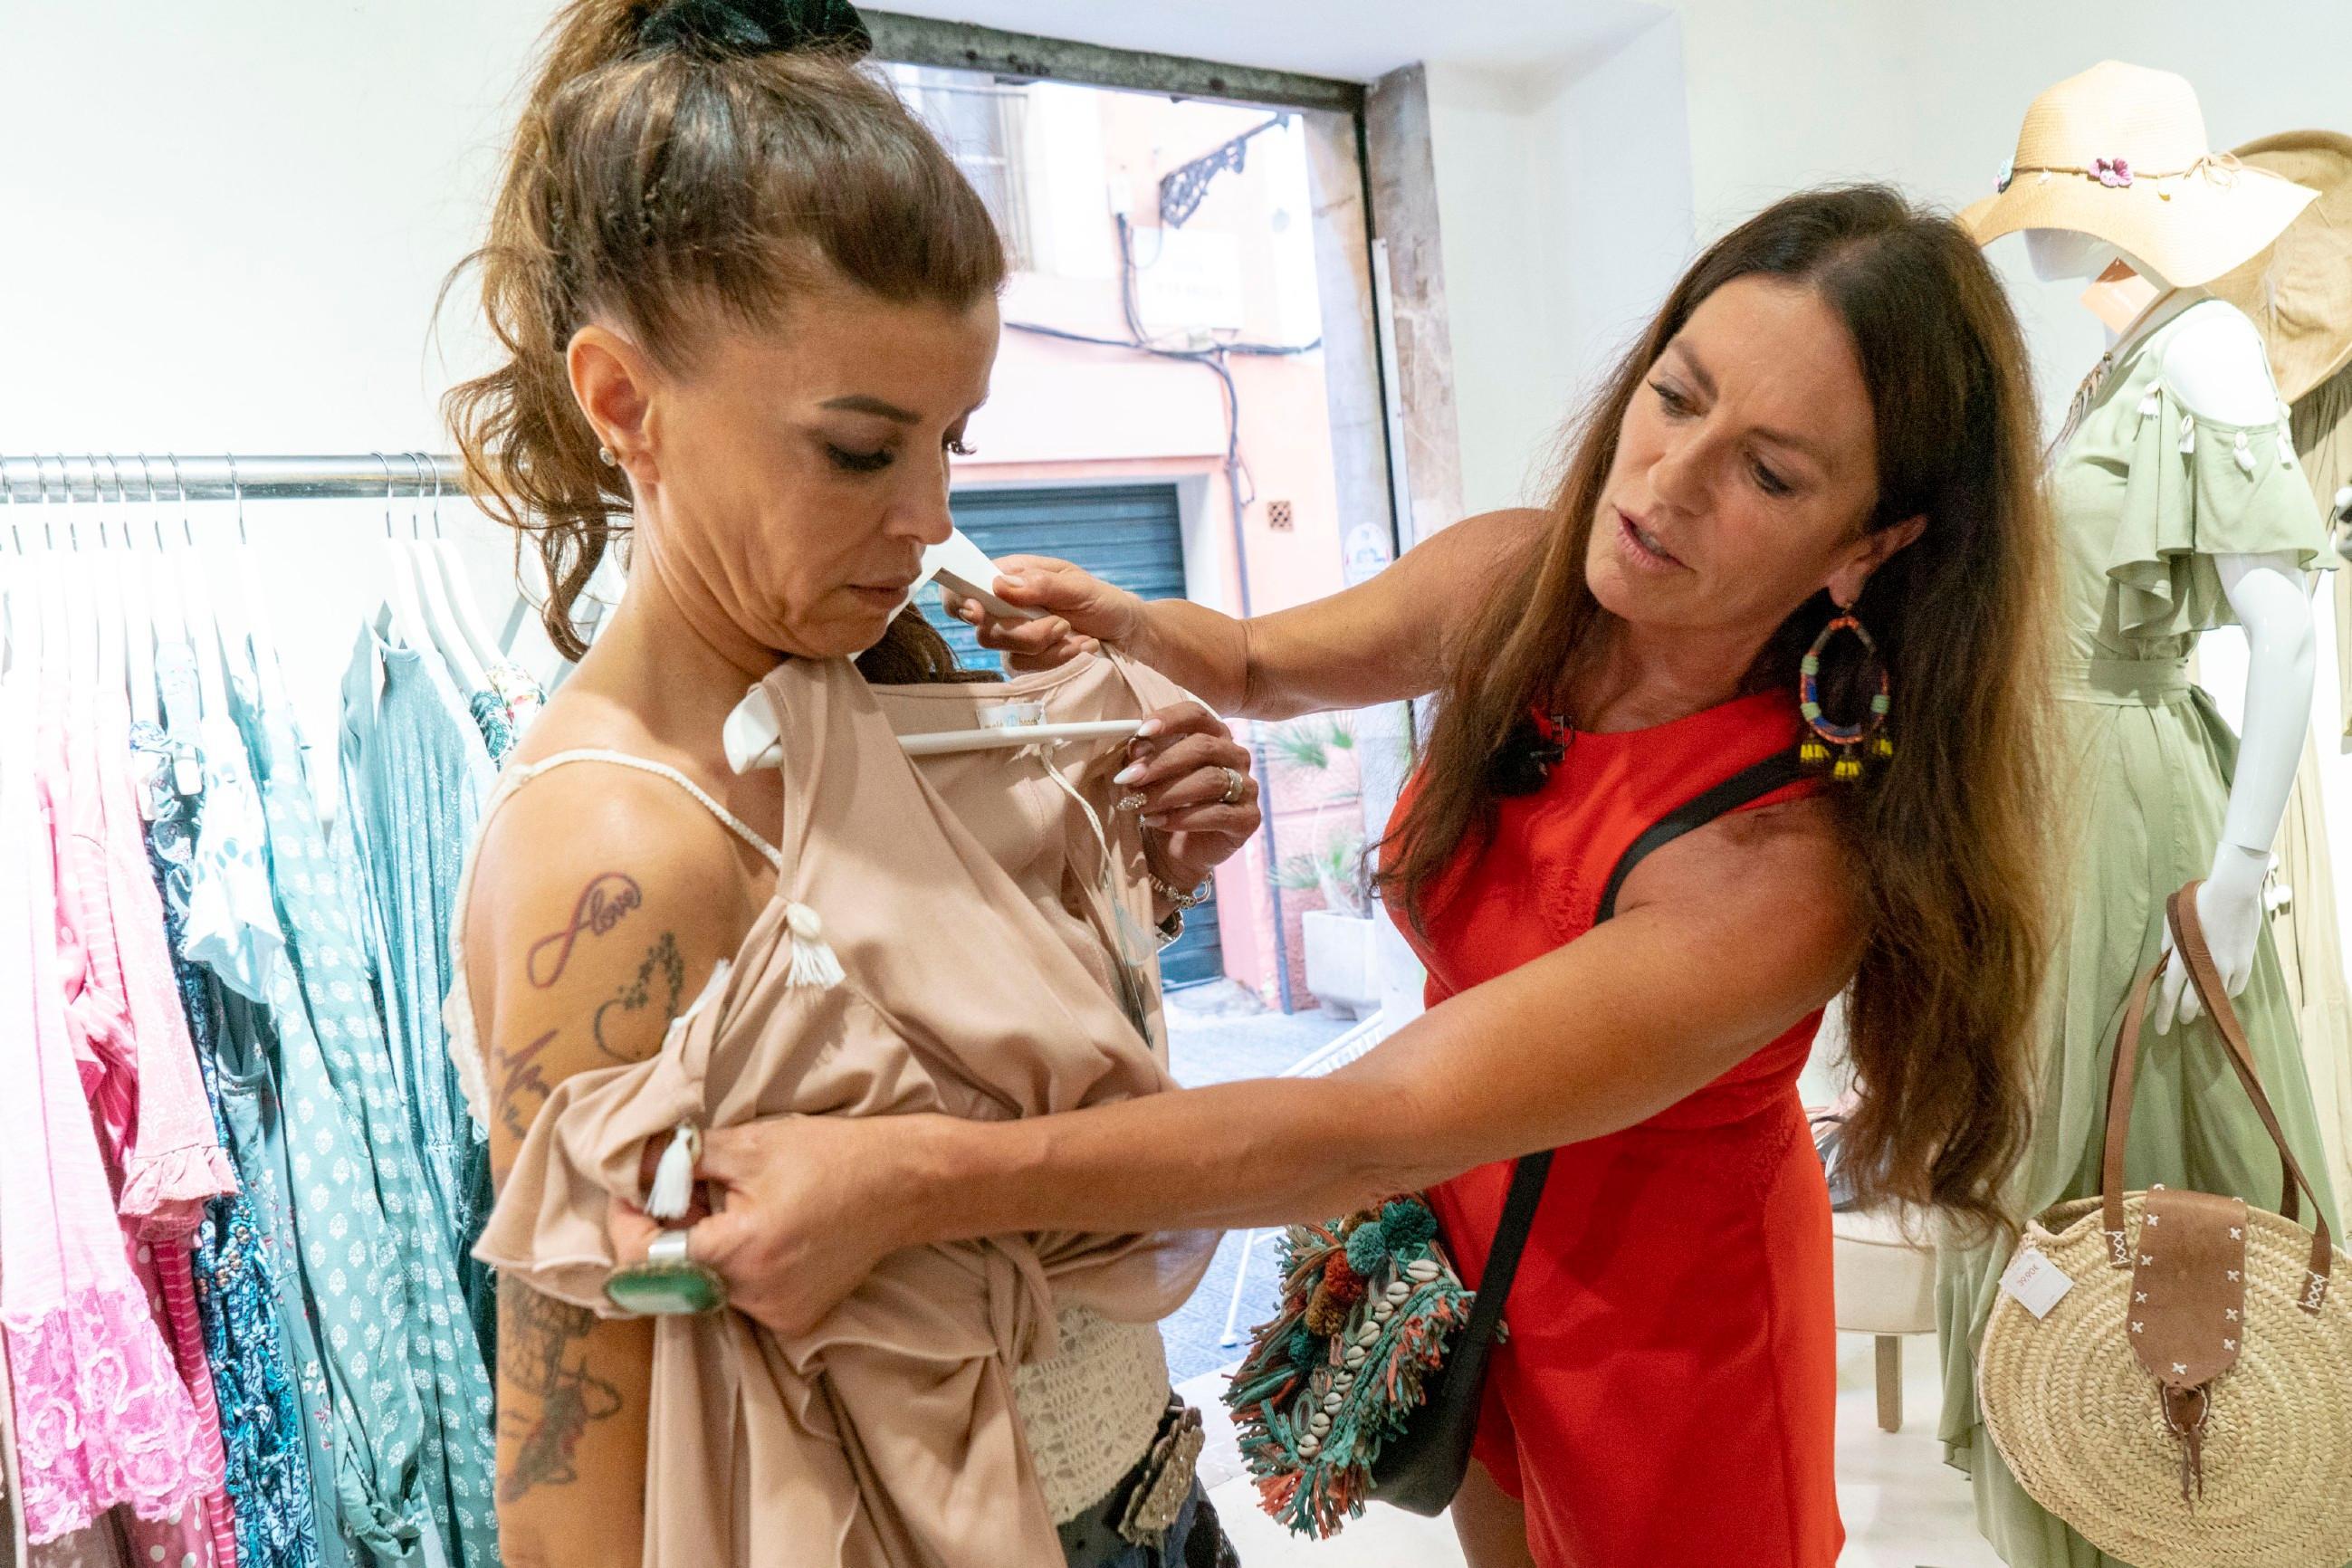 Kandidatin Gordana Apostoloska (l.) mit Promi-Shopping-Begleitung Christine Neubauer